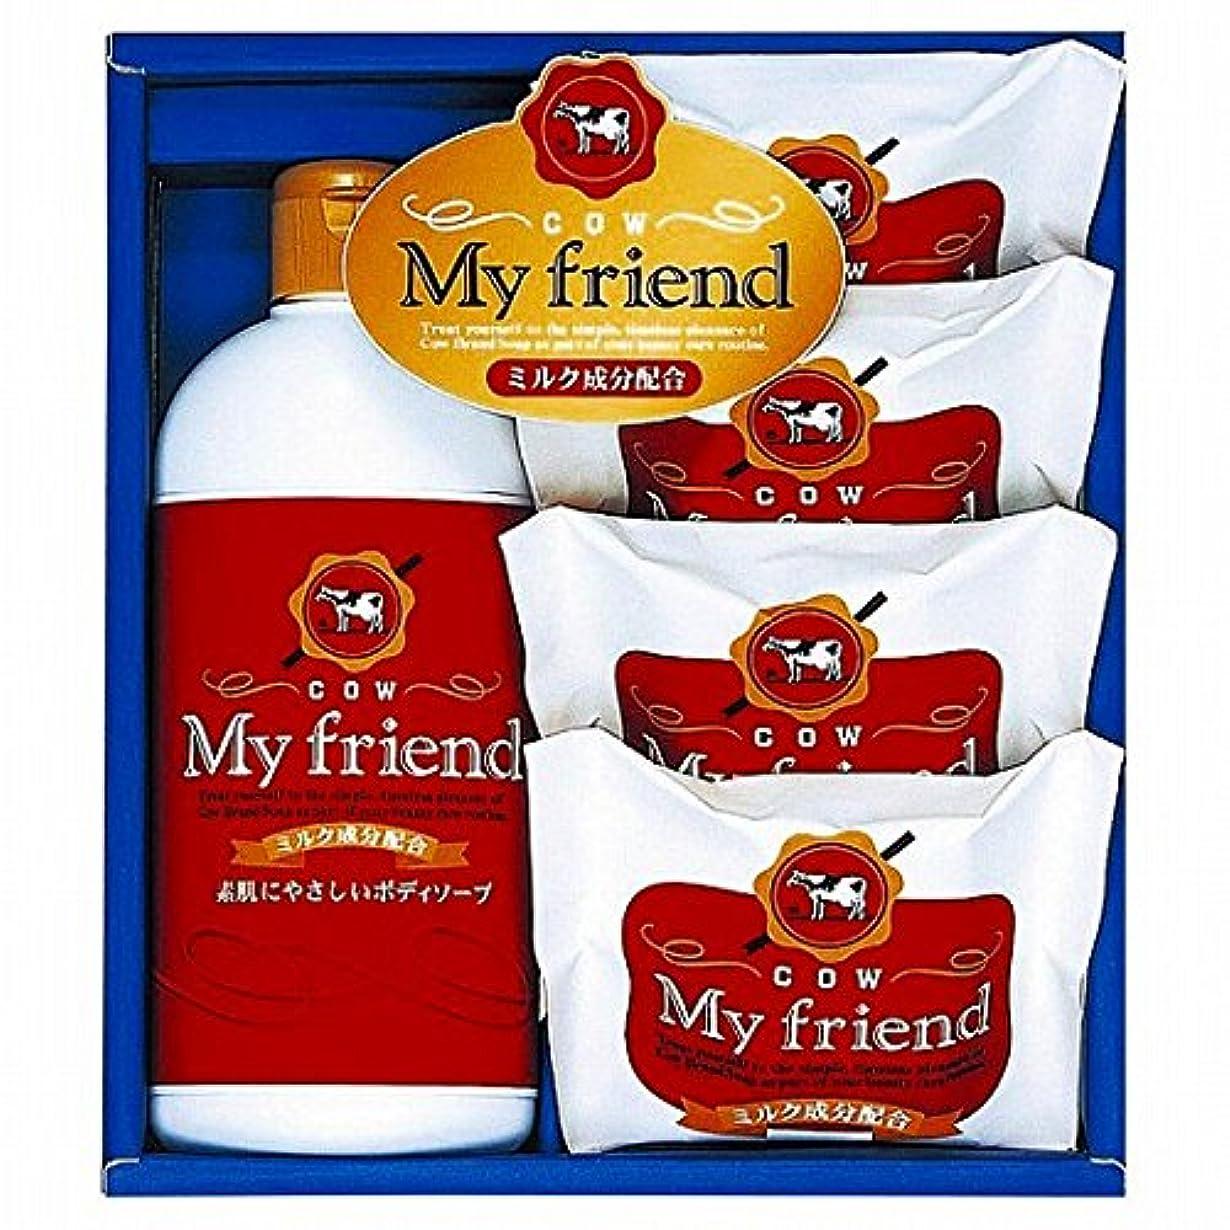 広がり鋼パノラマnobrand 牛乳石鹸 マイフレンドボディソープセット (21940007)